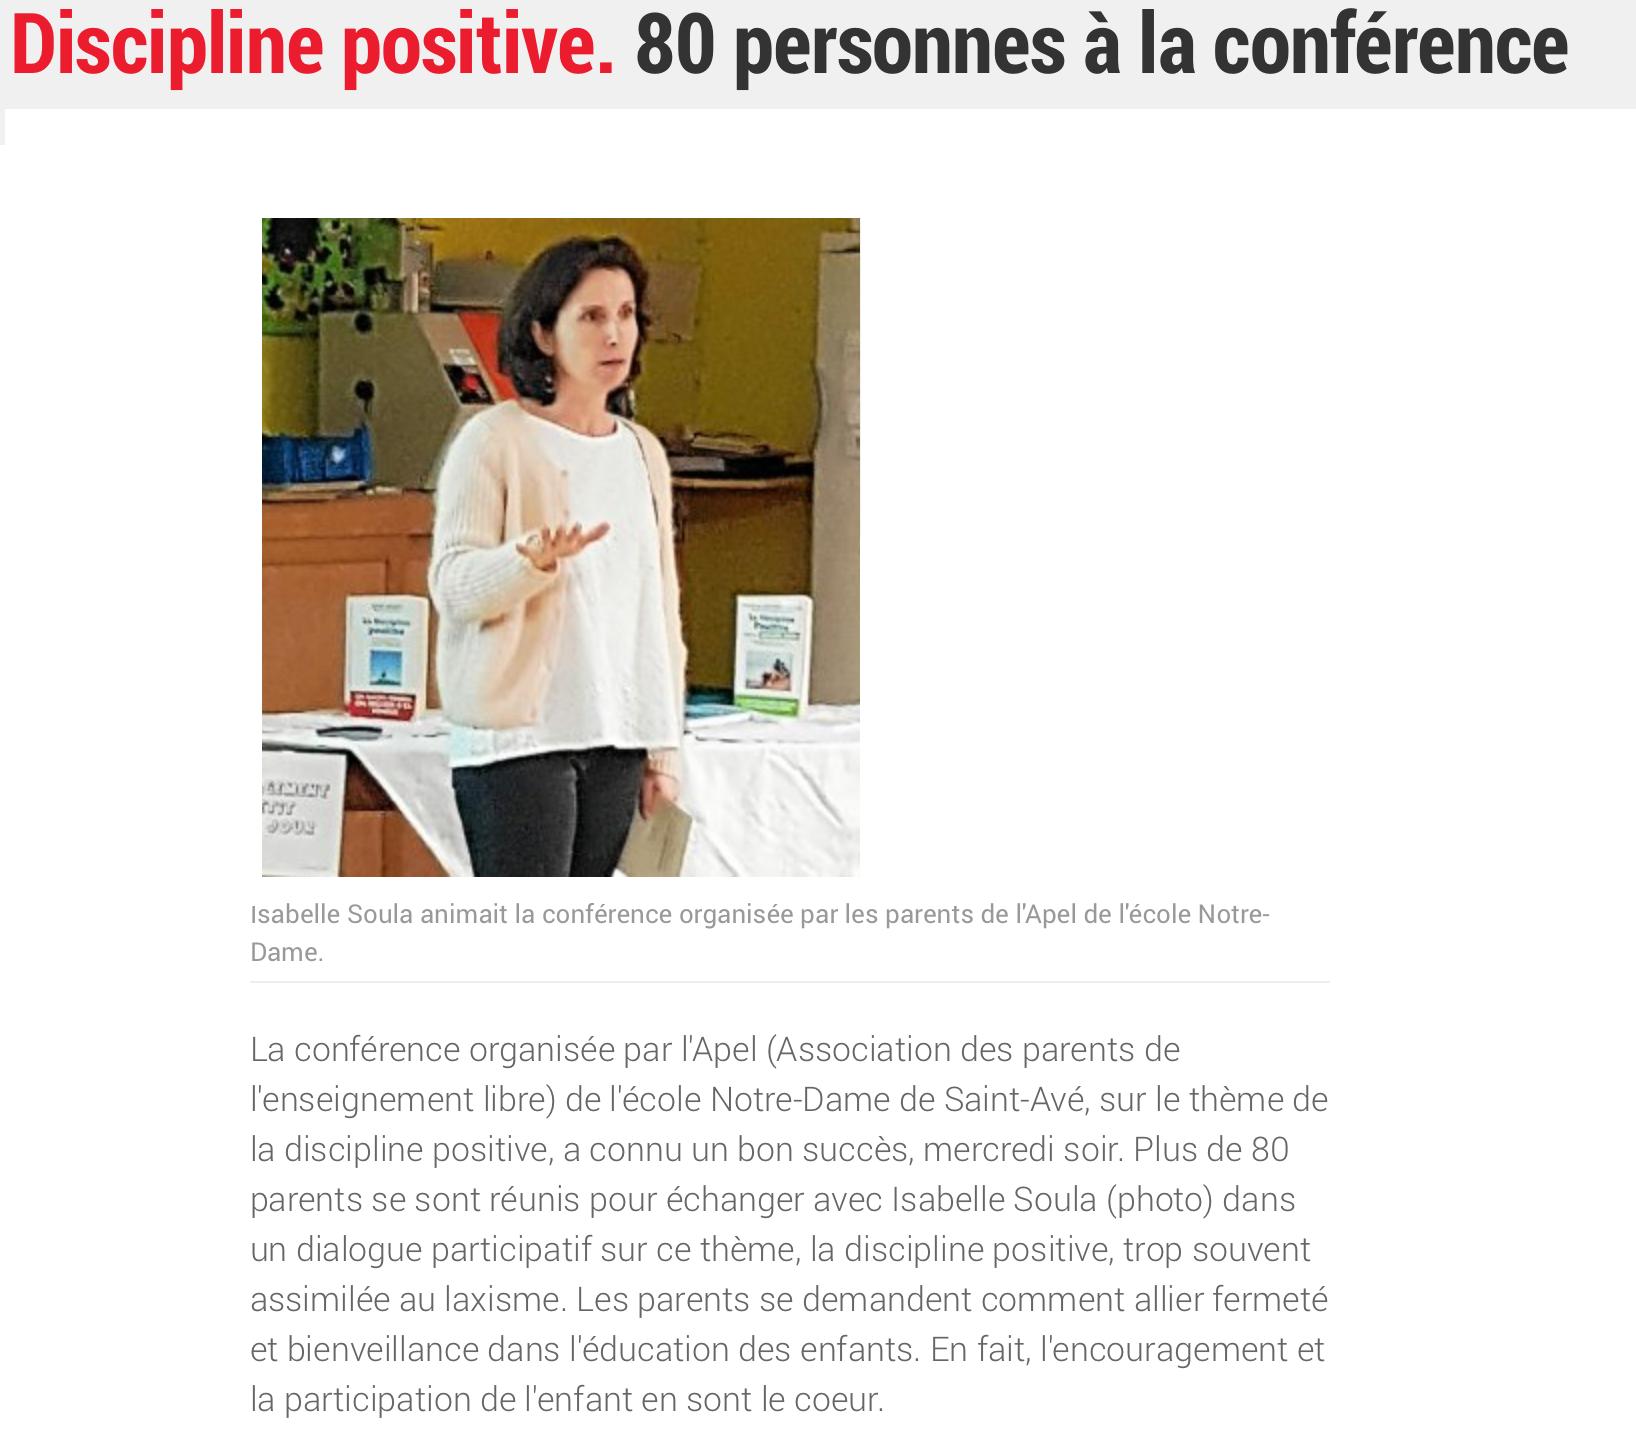 Discipline positive. 80 personnes à la conférence